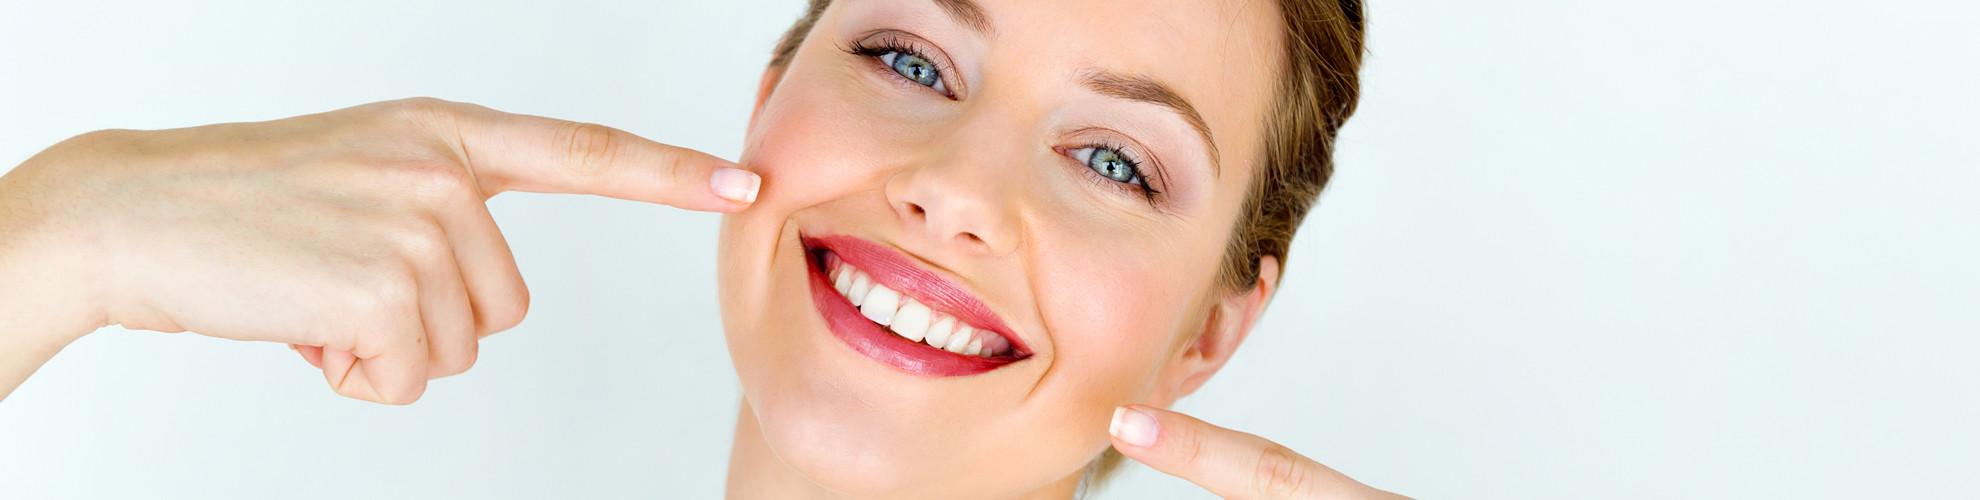 Tandblekning med plasmaljus